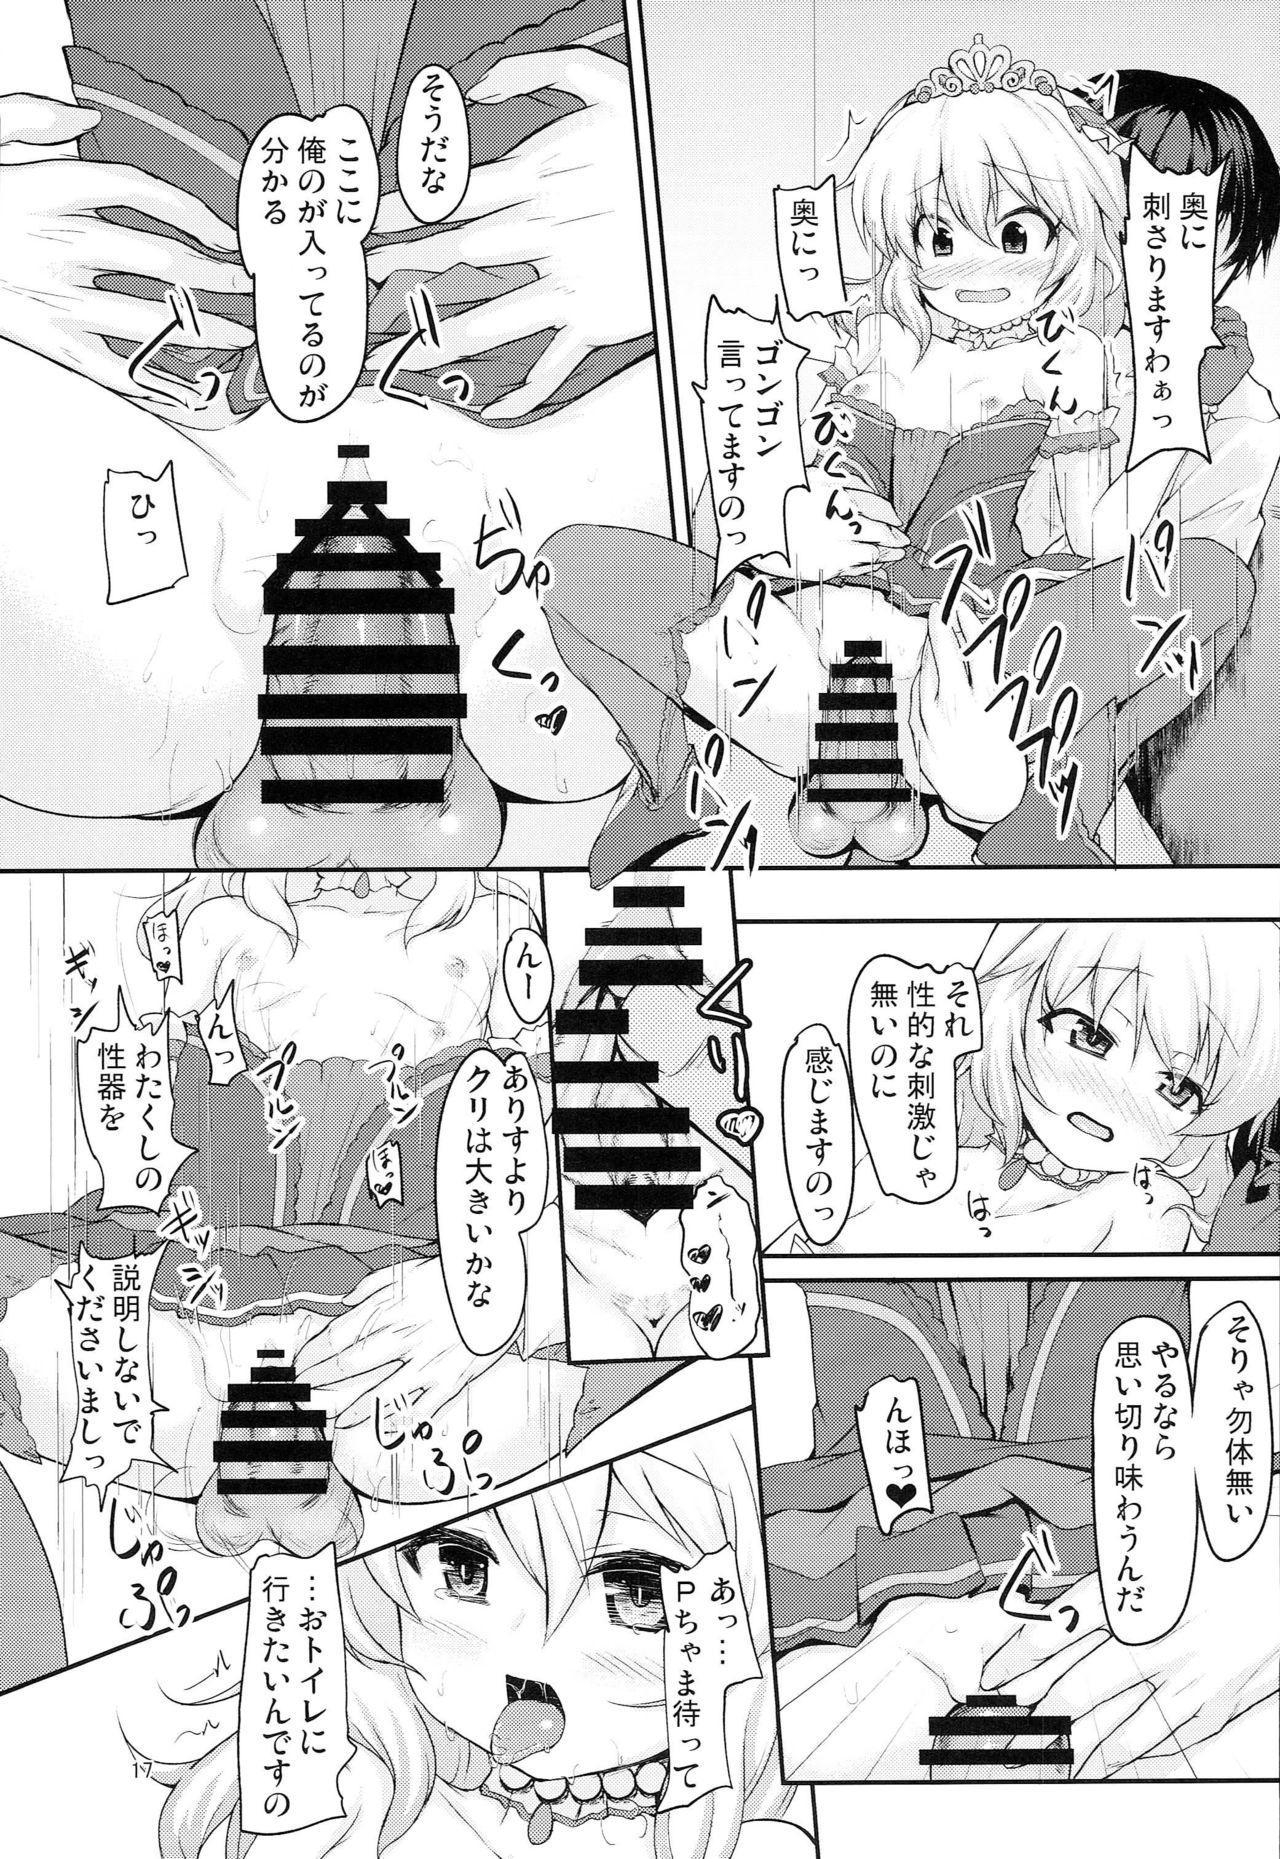 Arisu to Momoka no Oaji wa Ikaga 15